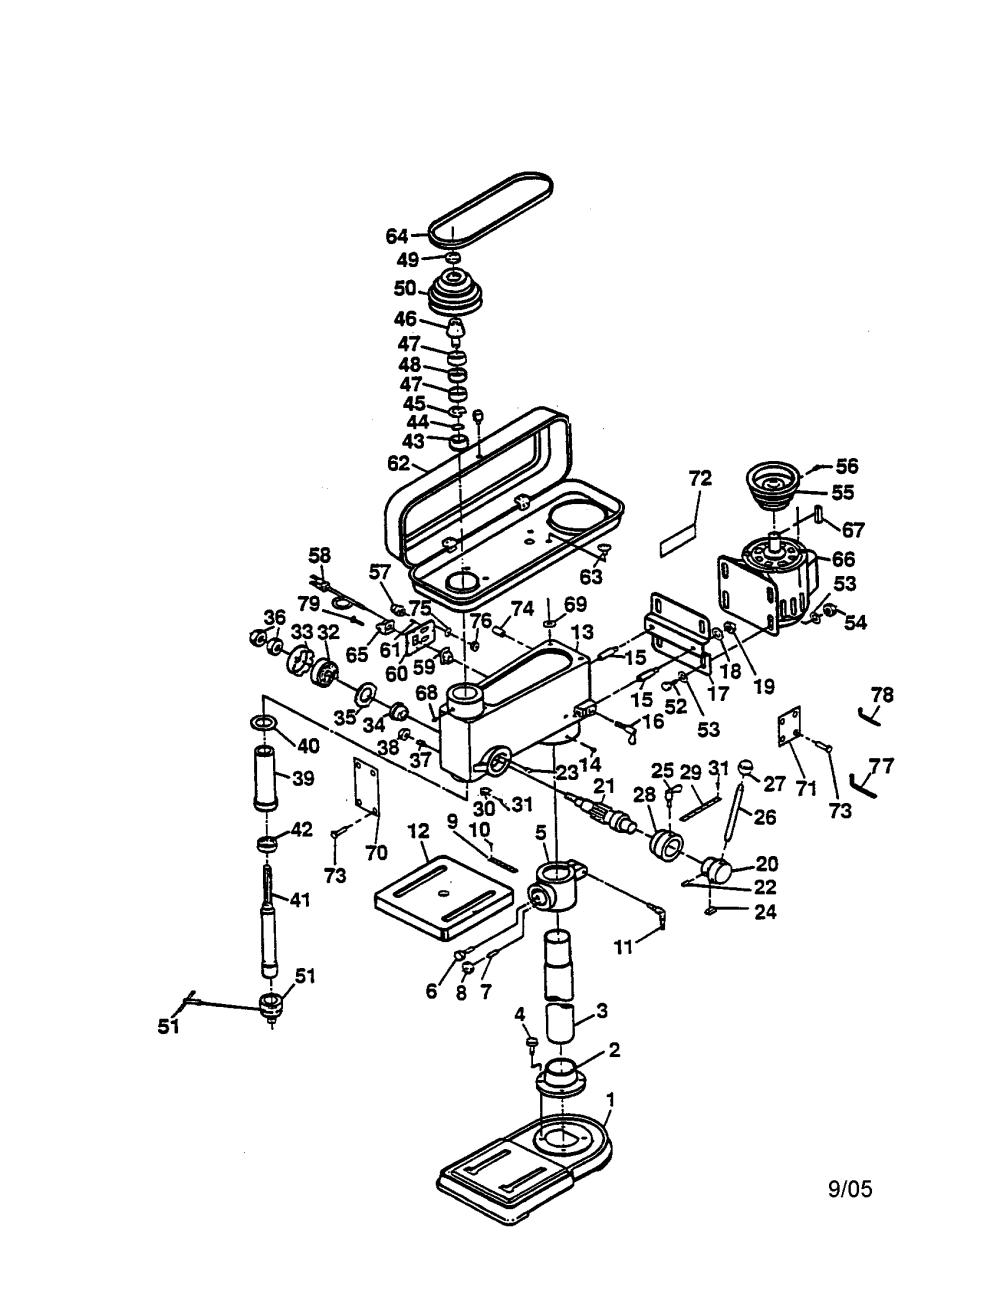 medium resolution of ryobi dp100 drill press diagram